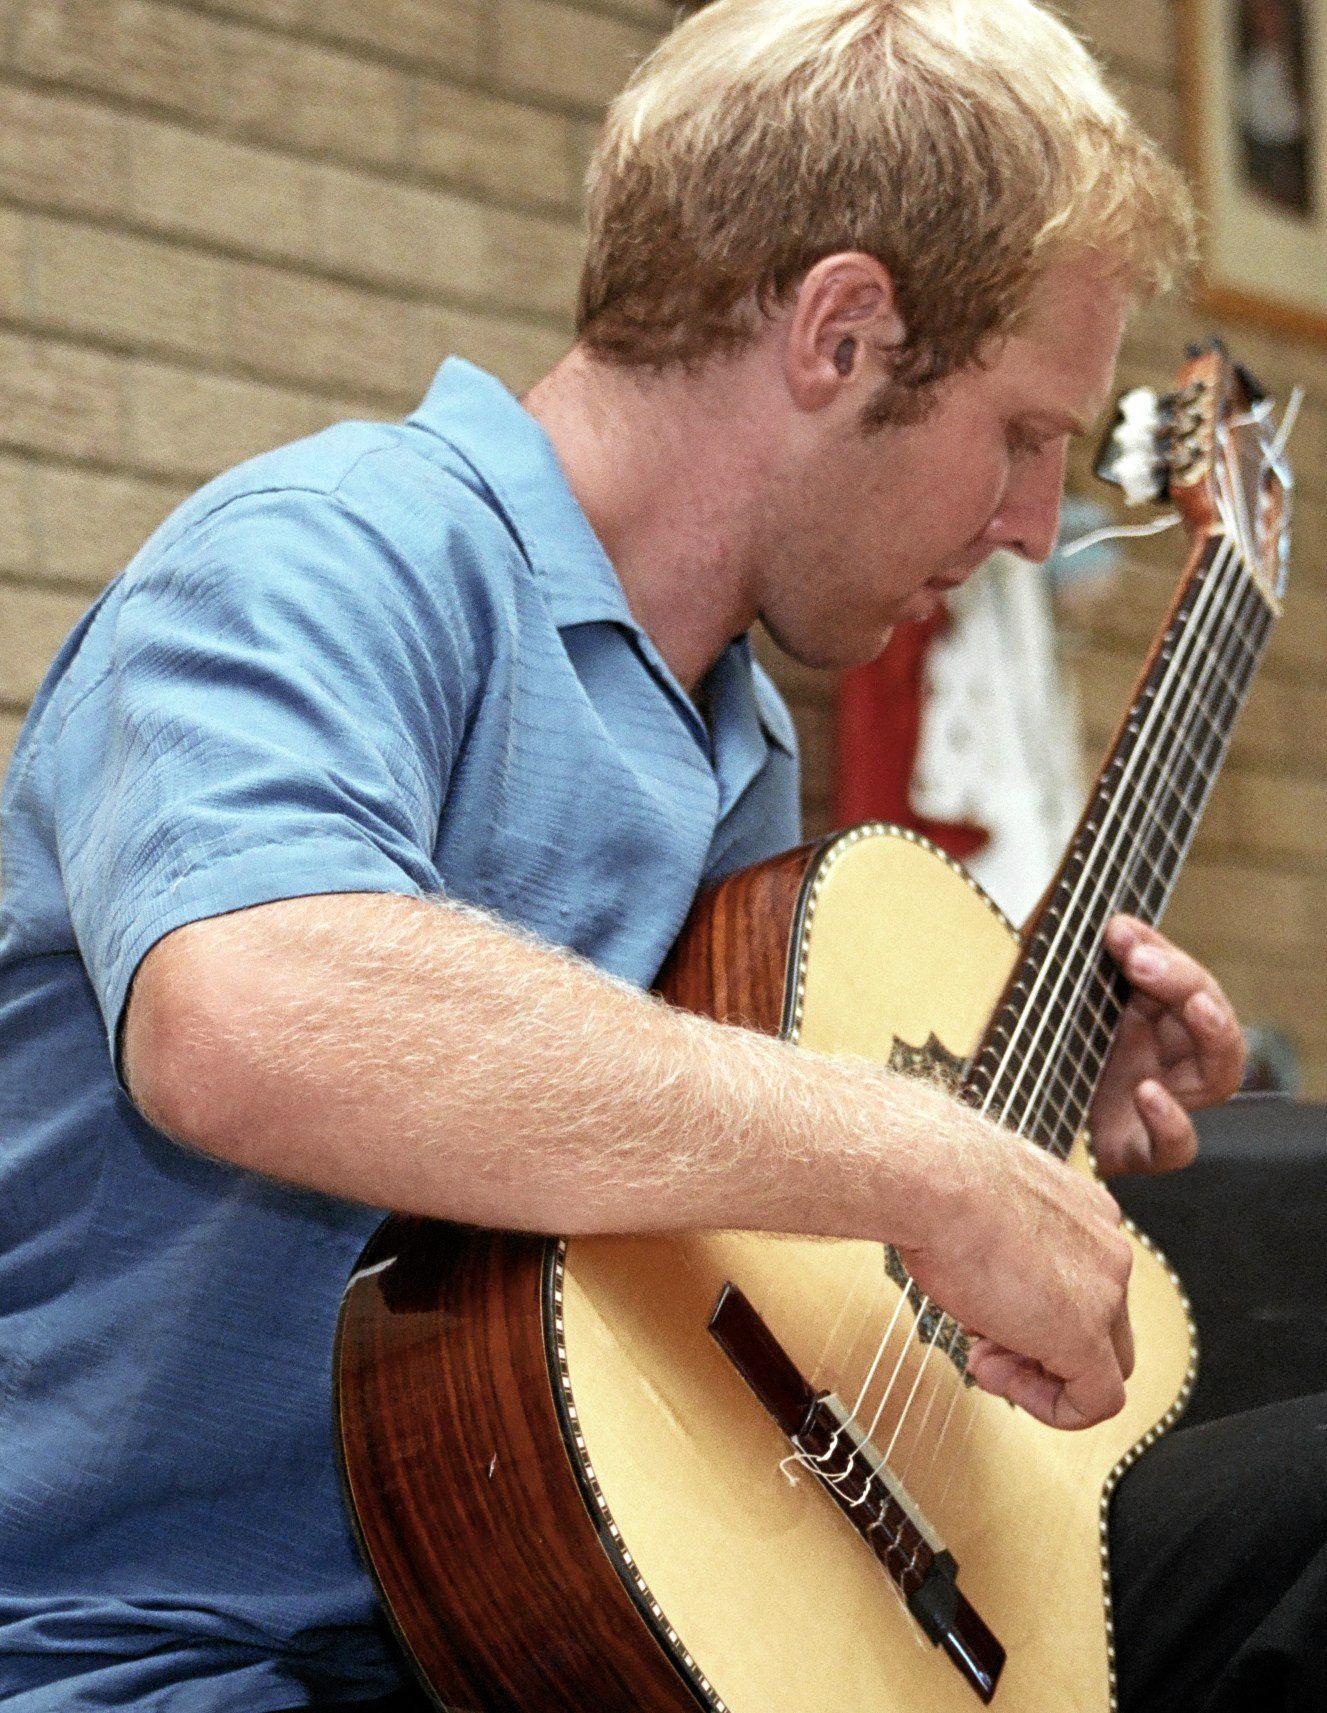 Ryan Enns